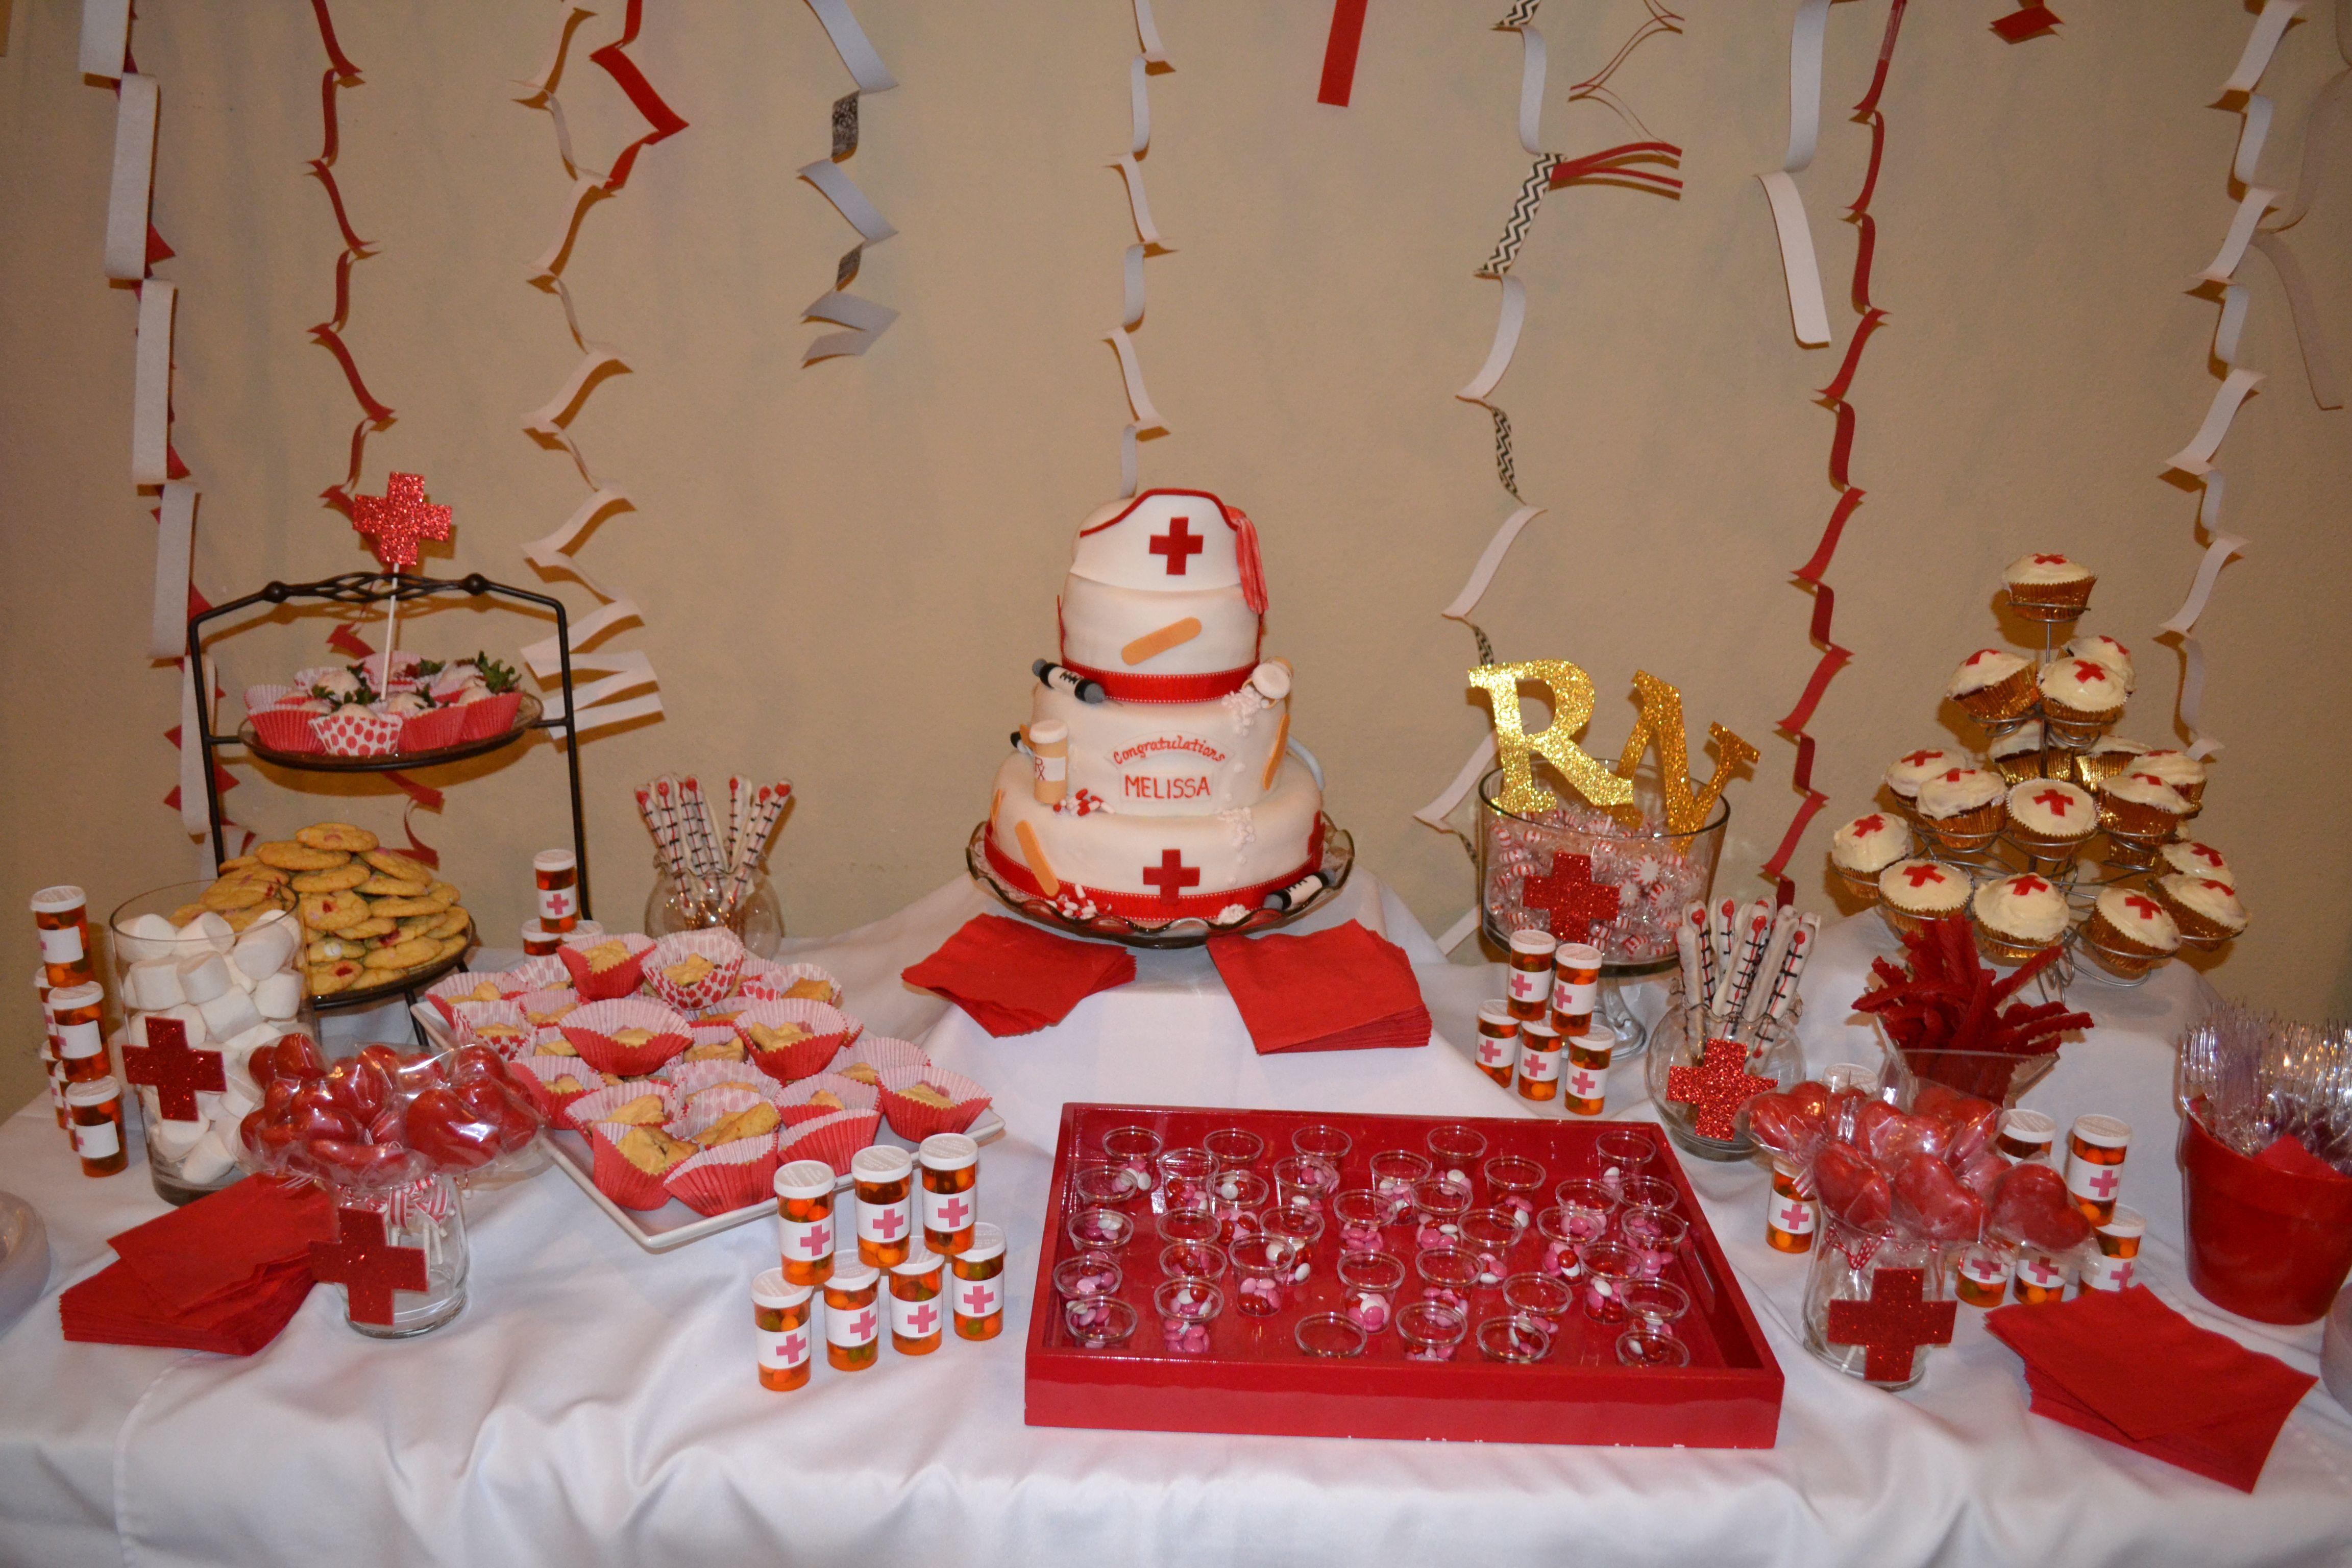 Graduation party table decoration ideas - 18 Best Graduation Parties Images On Pinterest Graduation Ideas Graduation Parties And Nurse Cakes